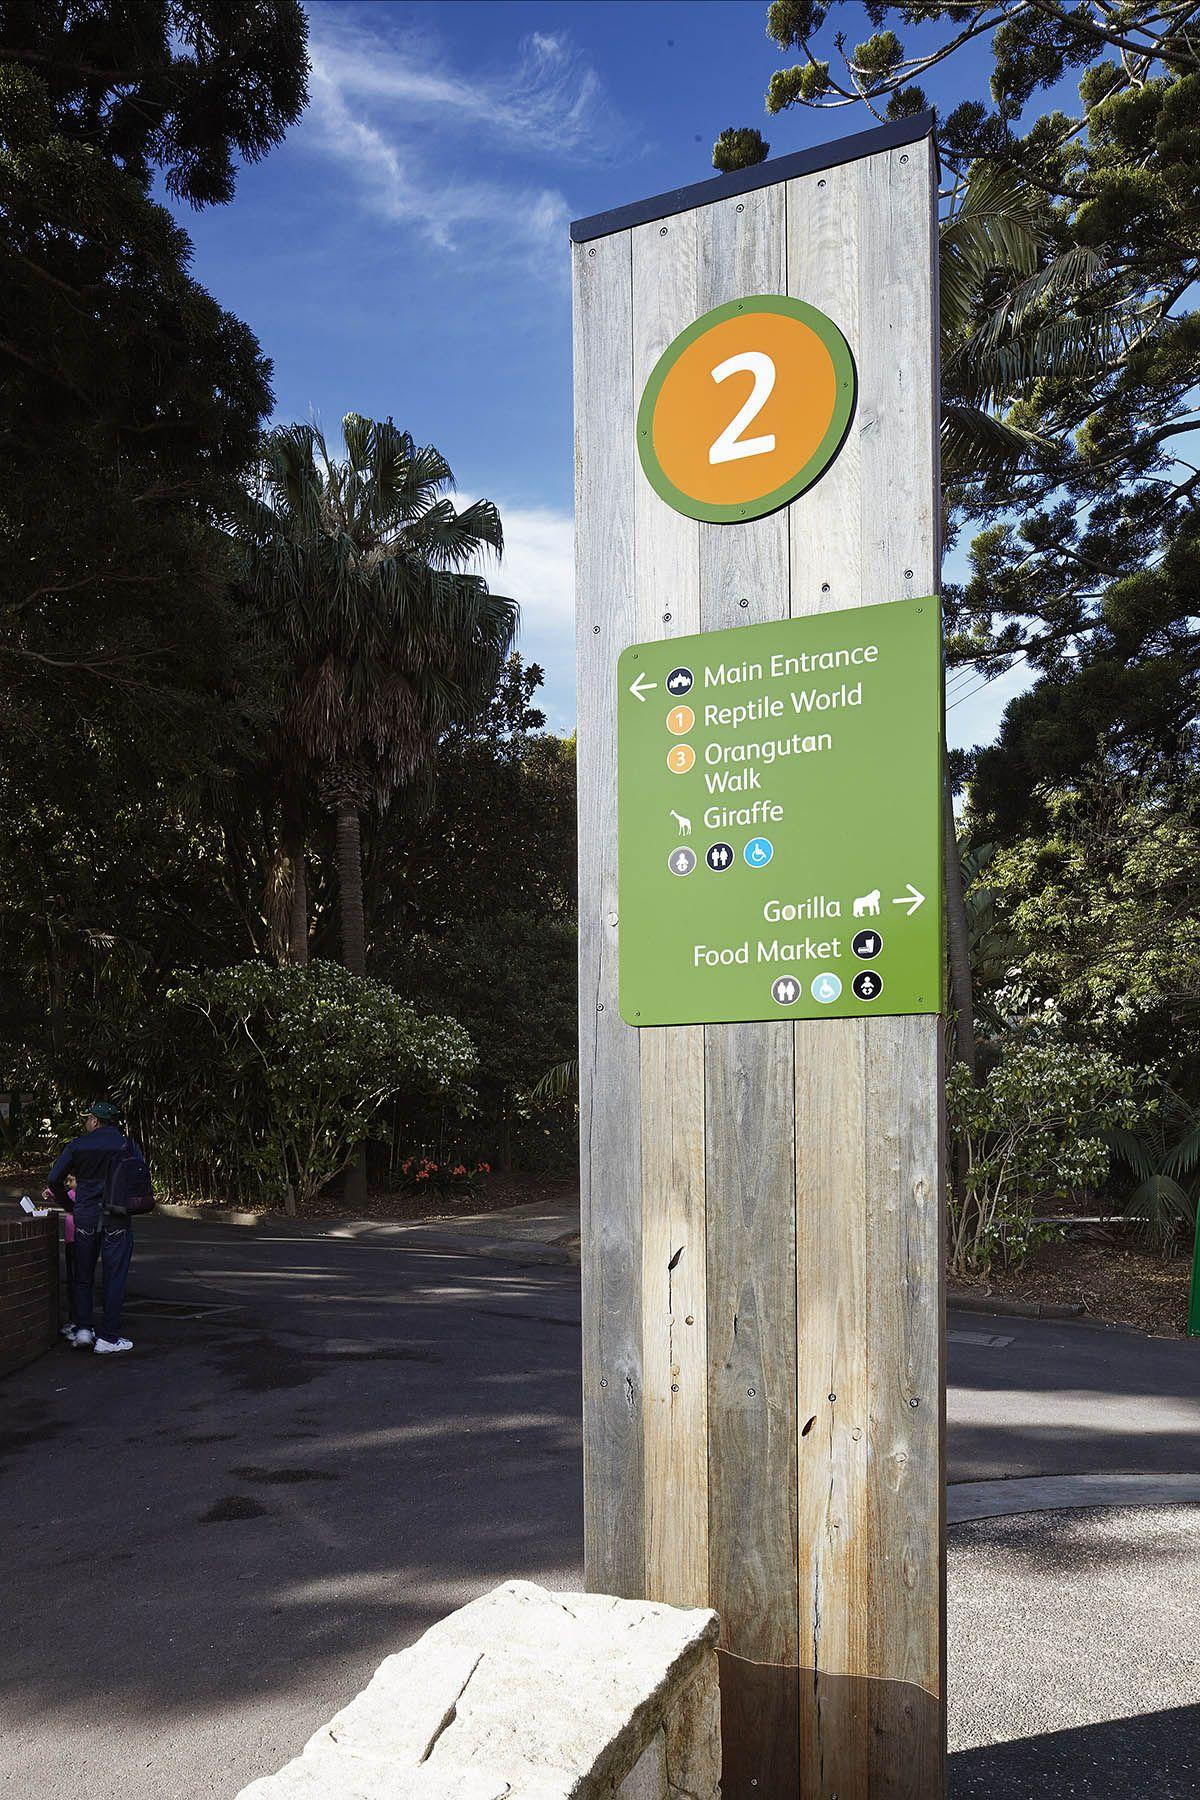 Taronga Zoo Sydney Australia Pinned By Www Megwise It Megwise Environmentalgraphics Signage Wayfinding Signage Design Wayfinding Signs Outdoor Signage